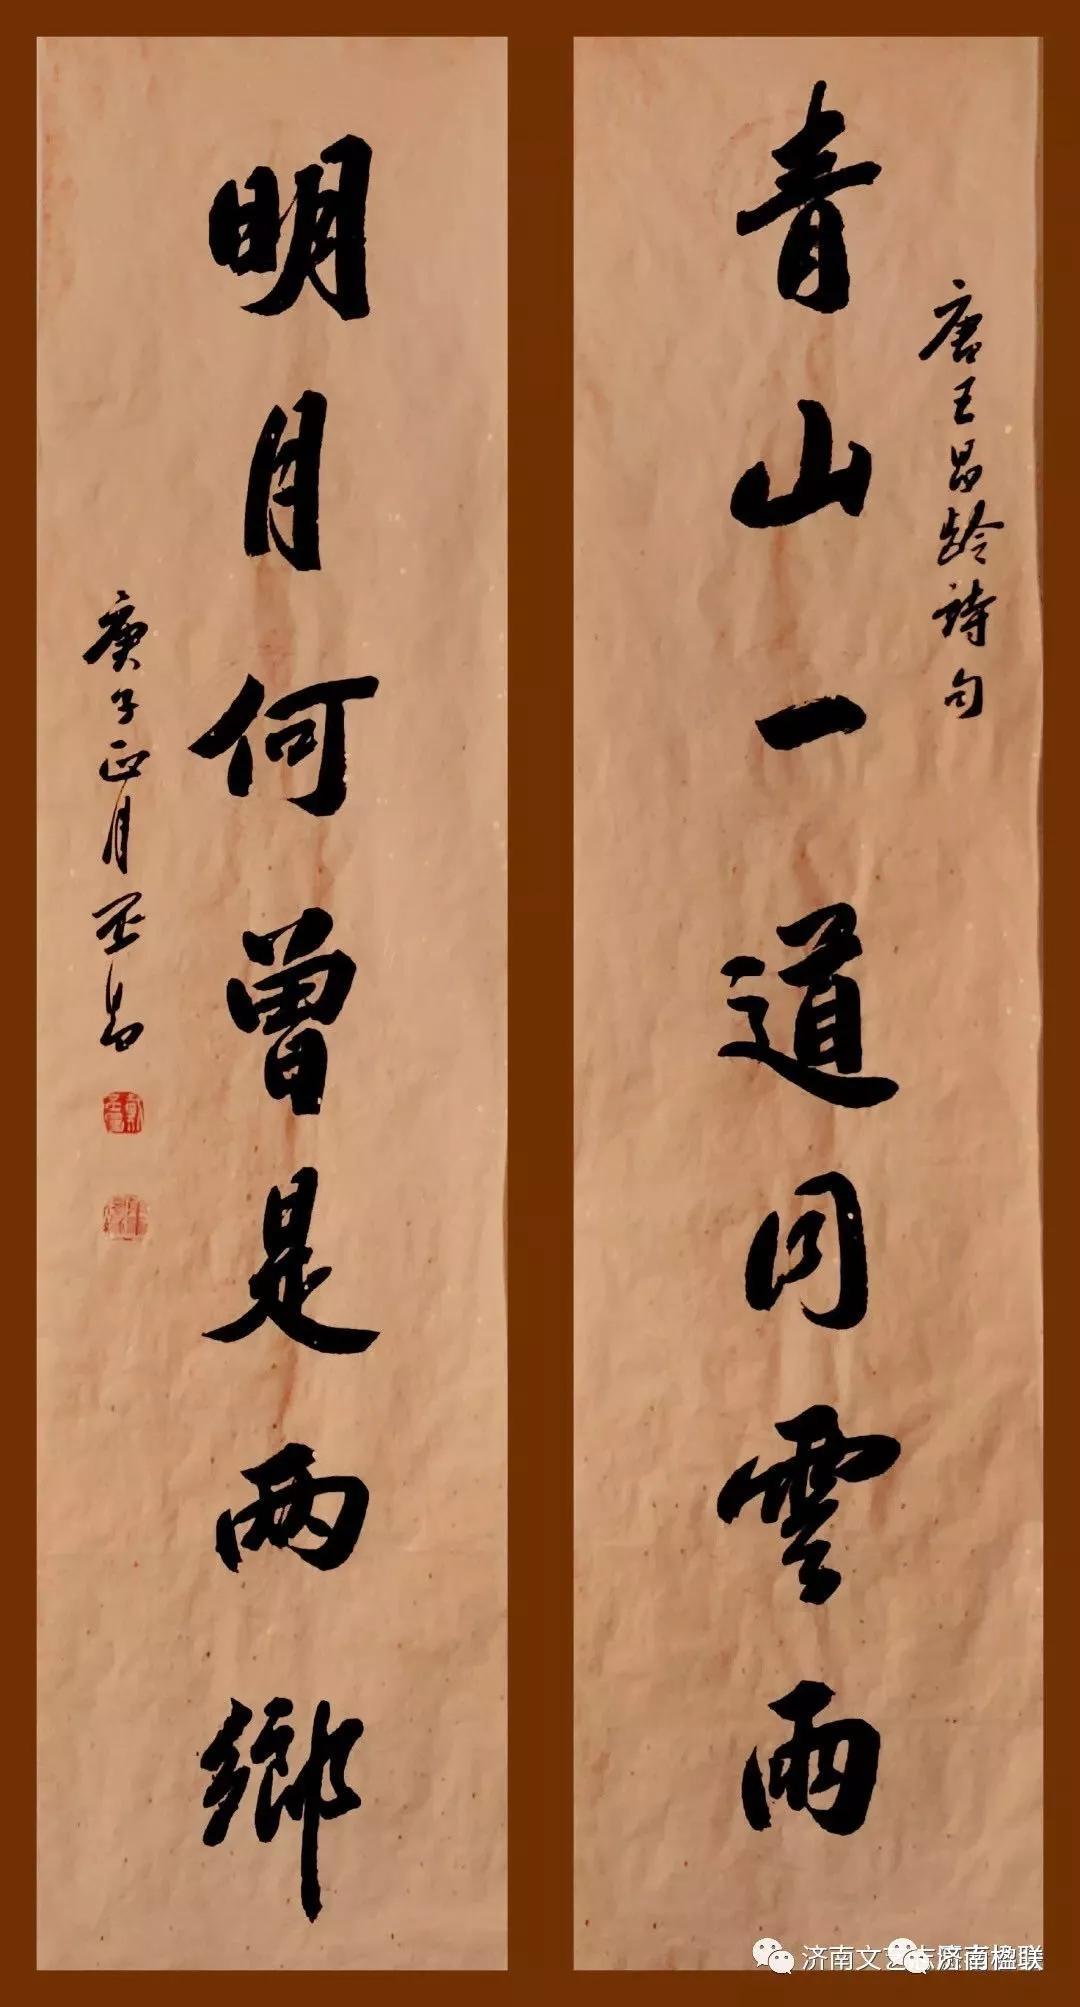 翰墨丹心---济南市楹联艺术家协会主题特展(2)